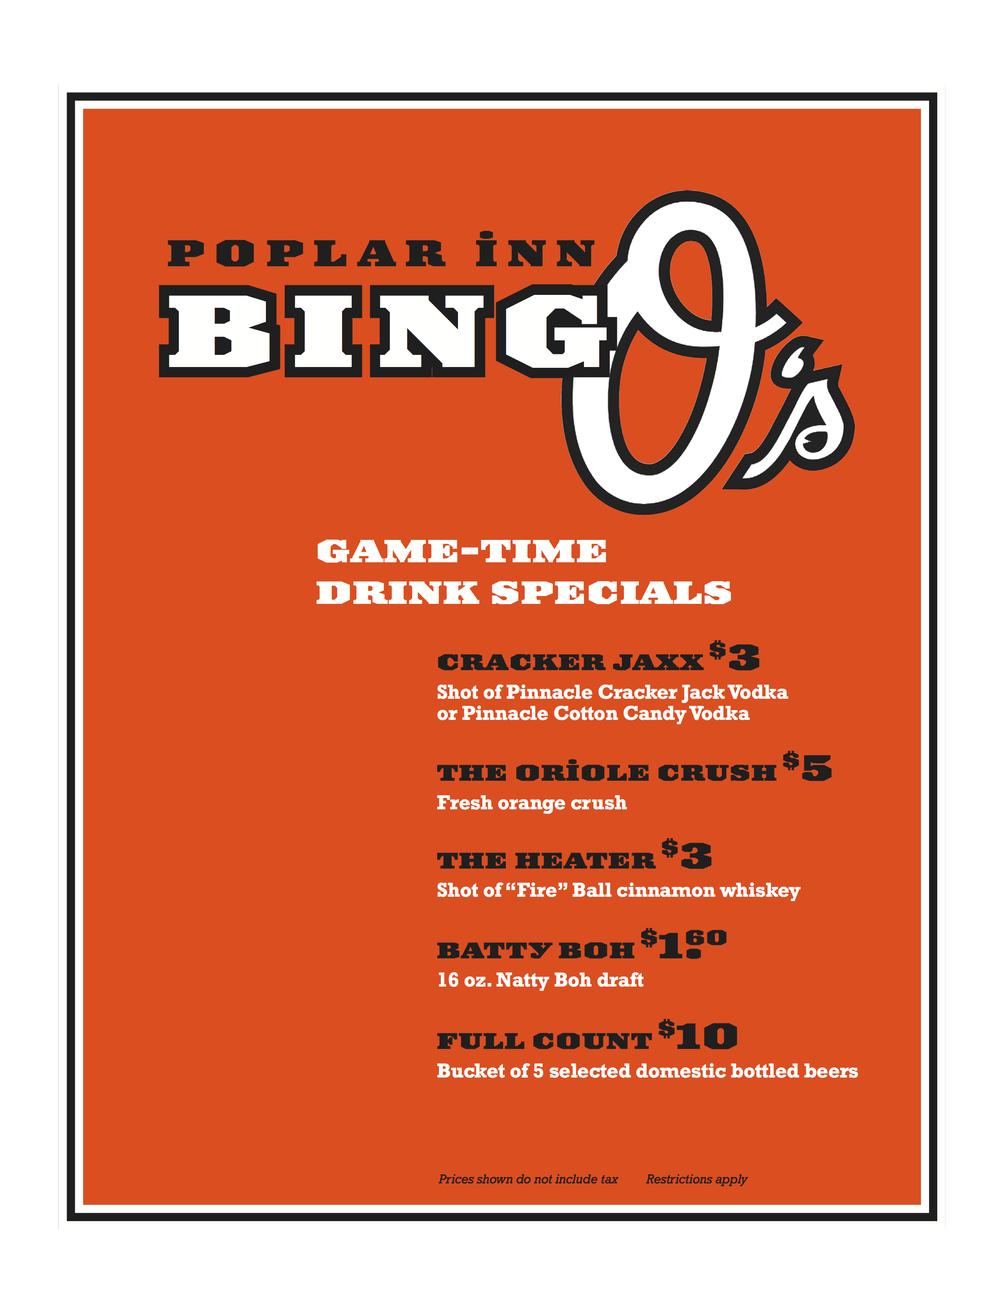 Gametime drink specials!